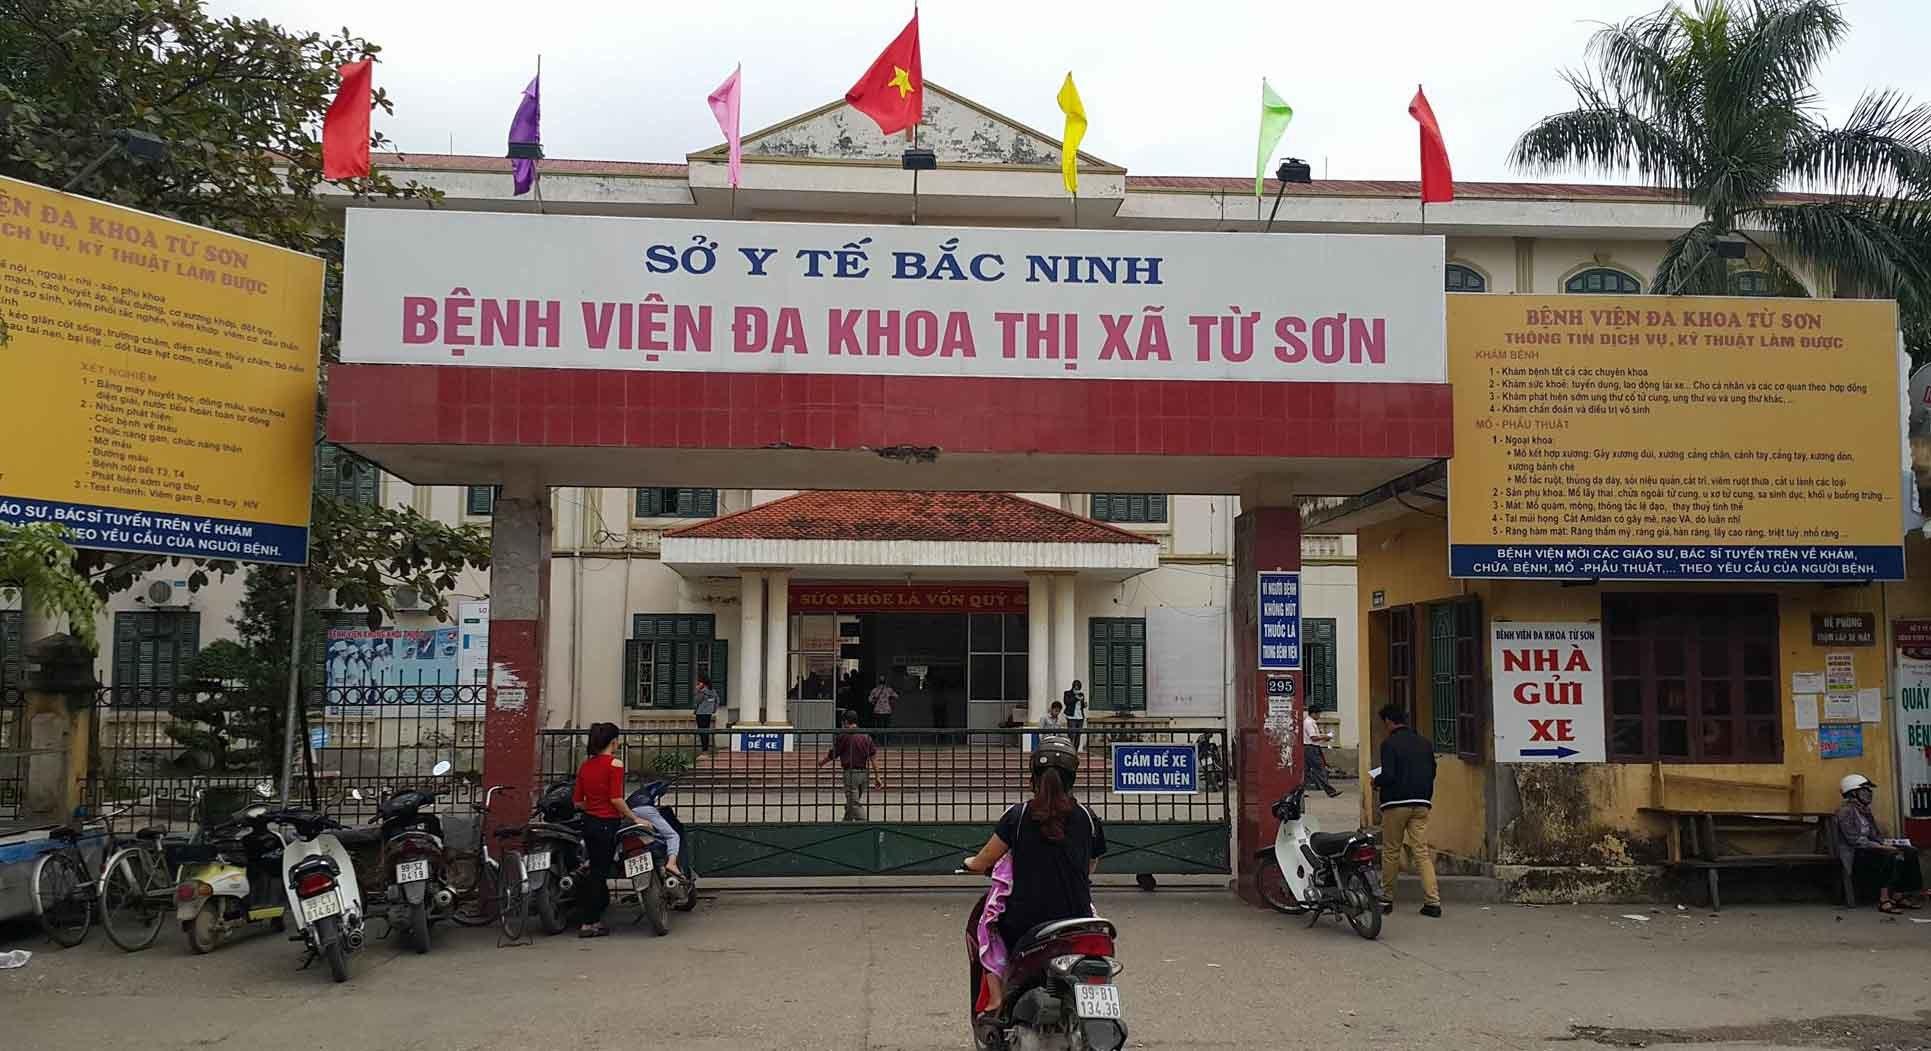 Bắc Ninh: Gia đình tố bệnh viện làm bé sơ sinh tử vong?